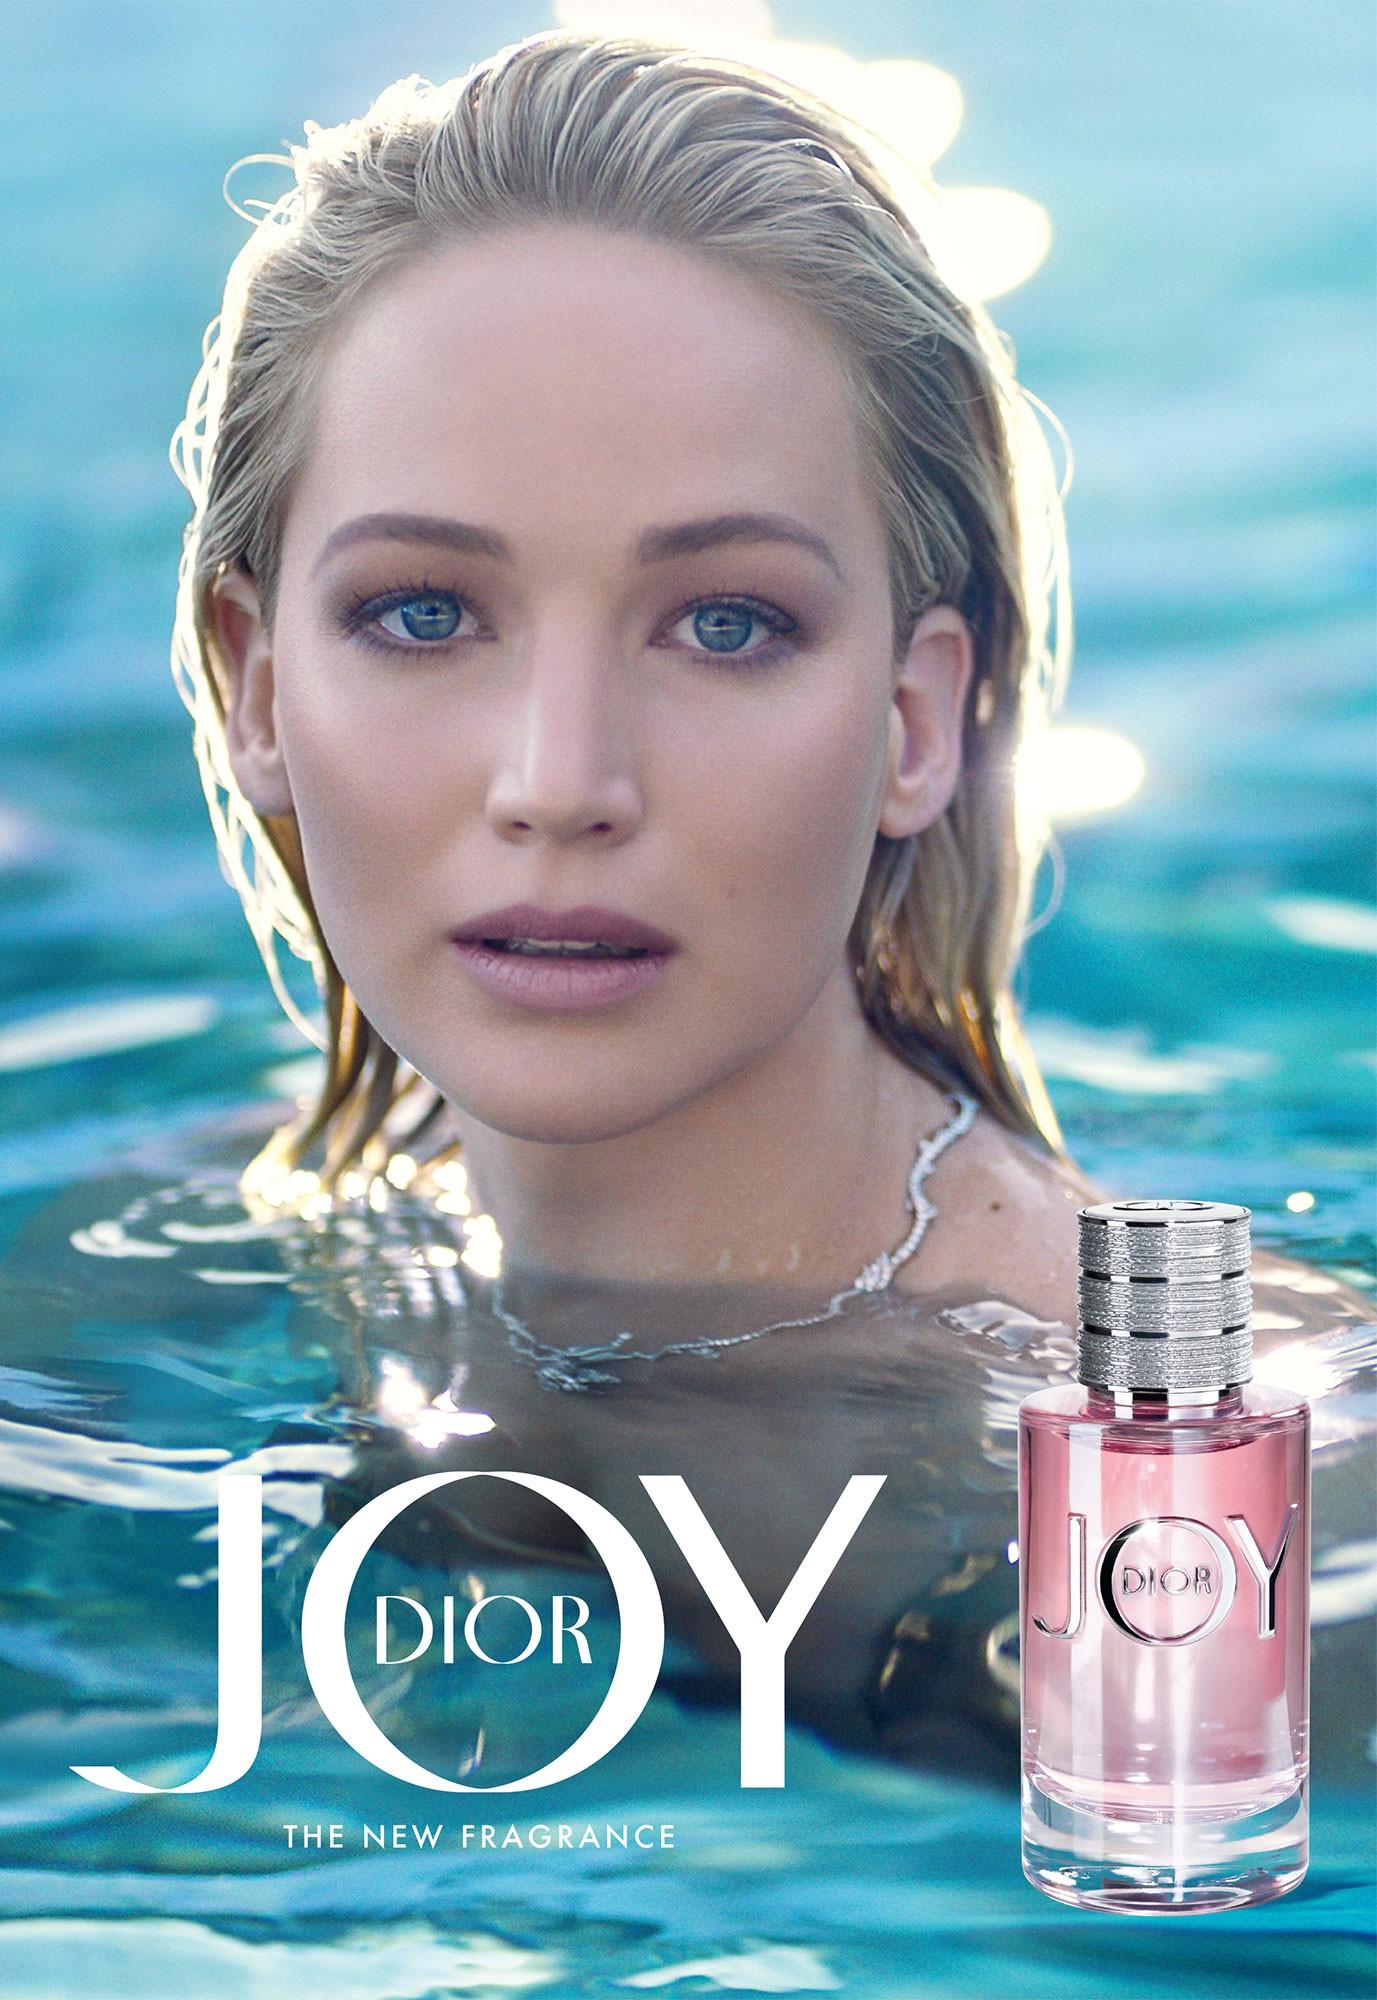 Dior Joy Video 2018 Imdb